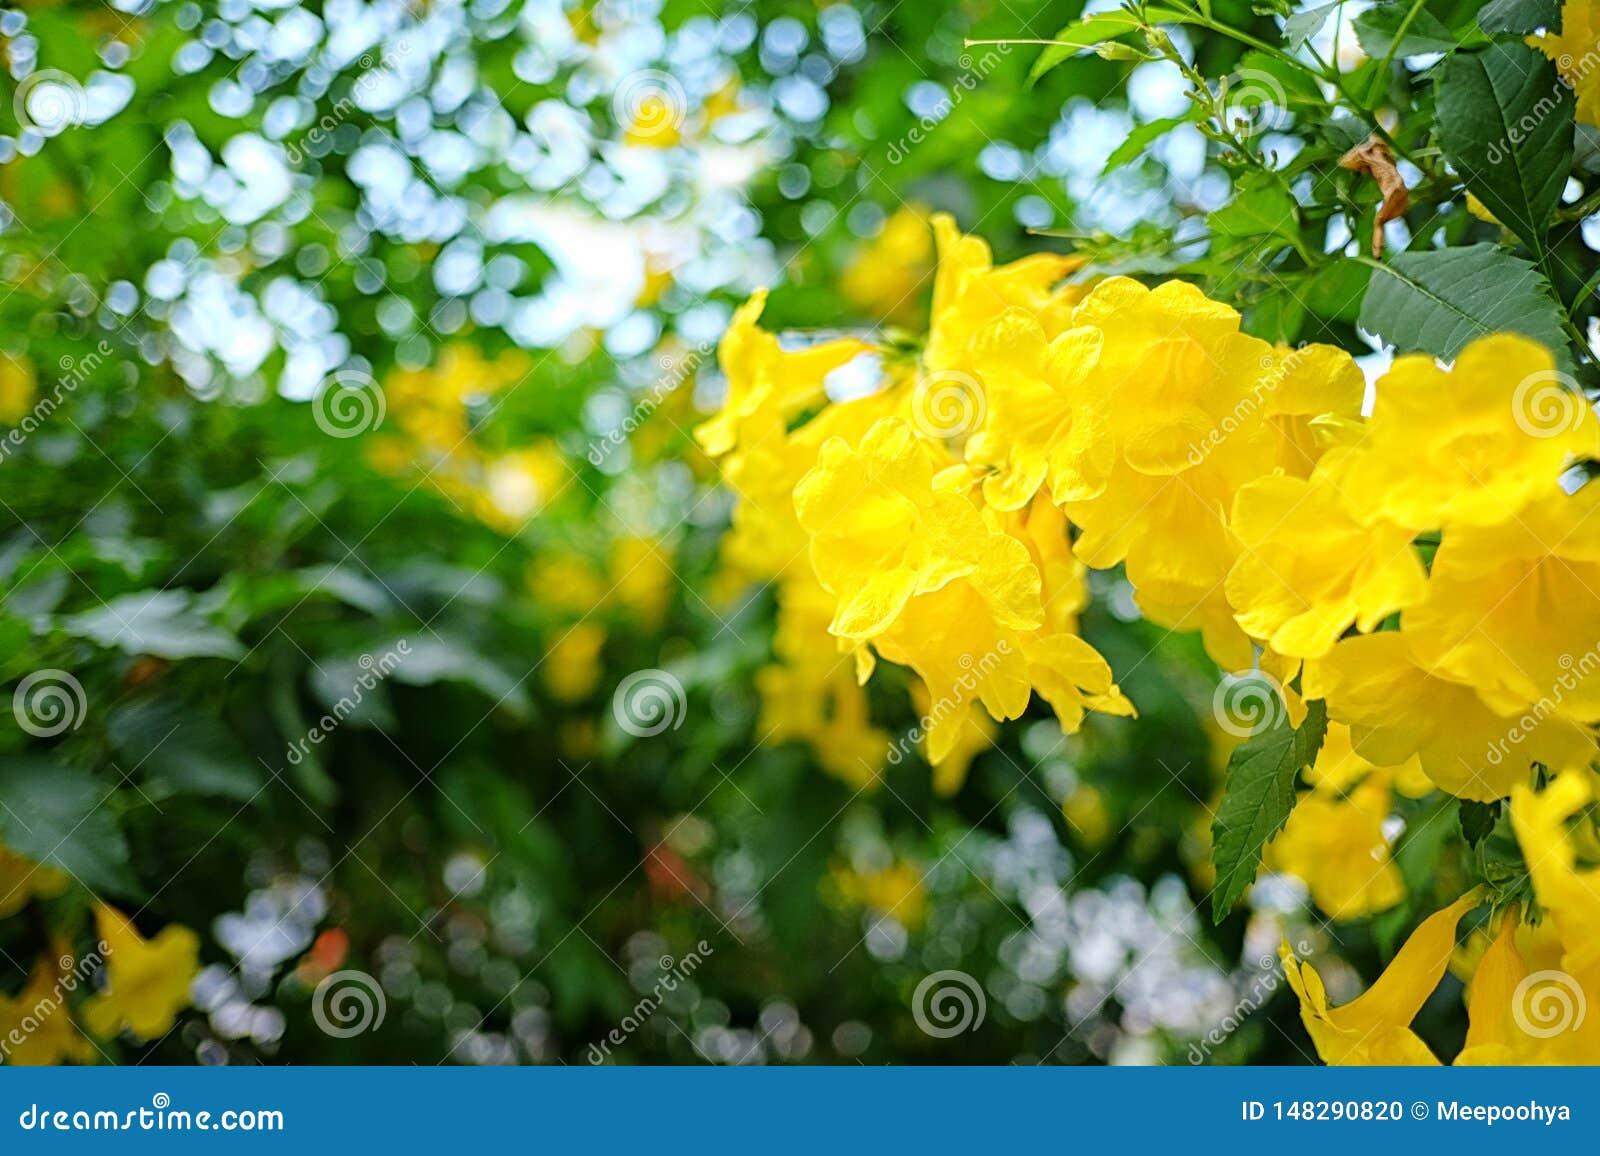 黄色长辈或黄色Trumpetbush花开花在树